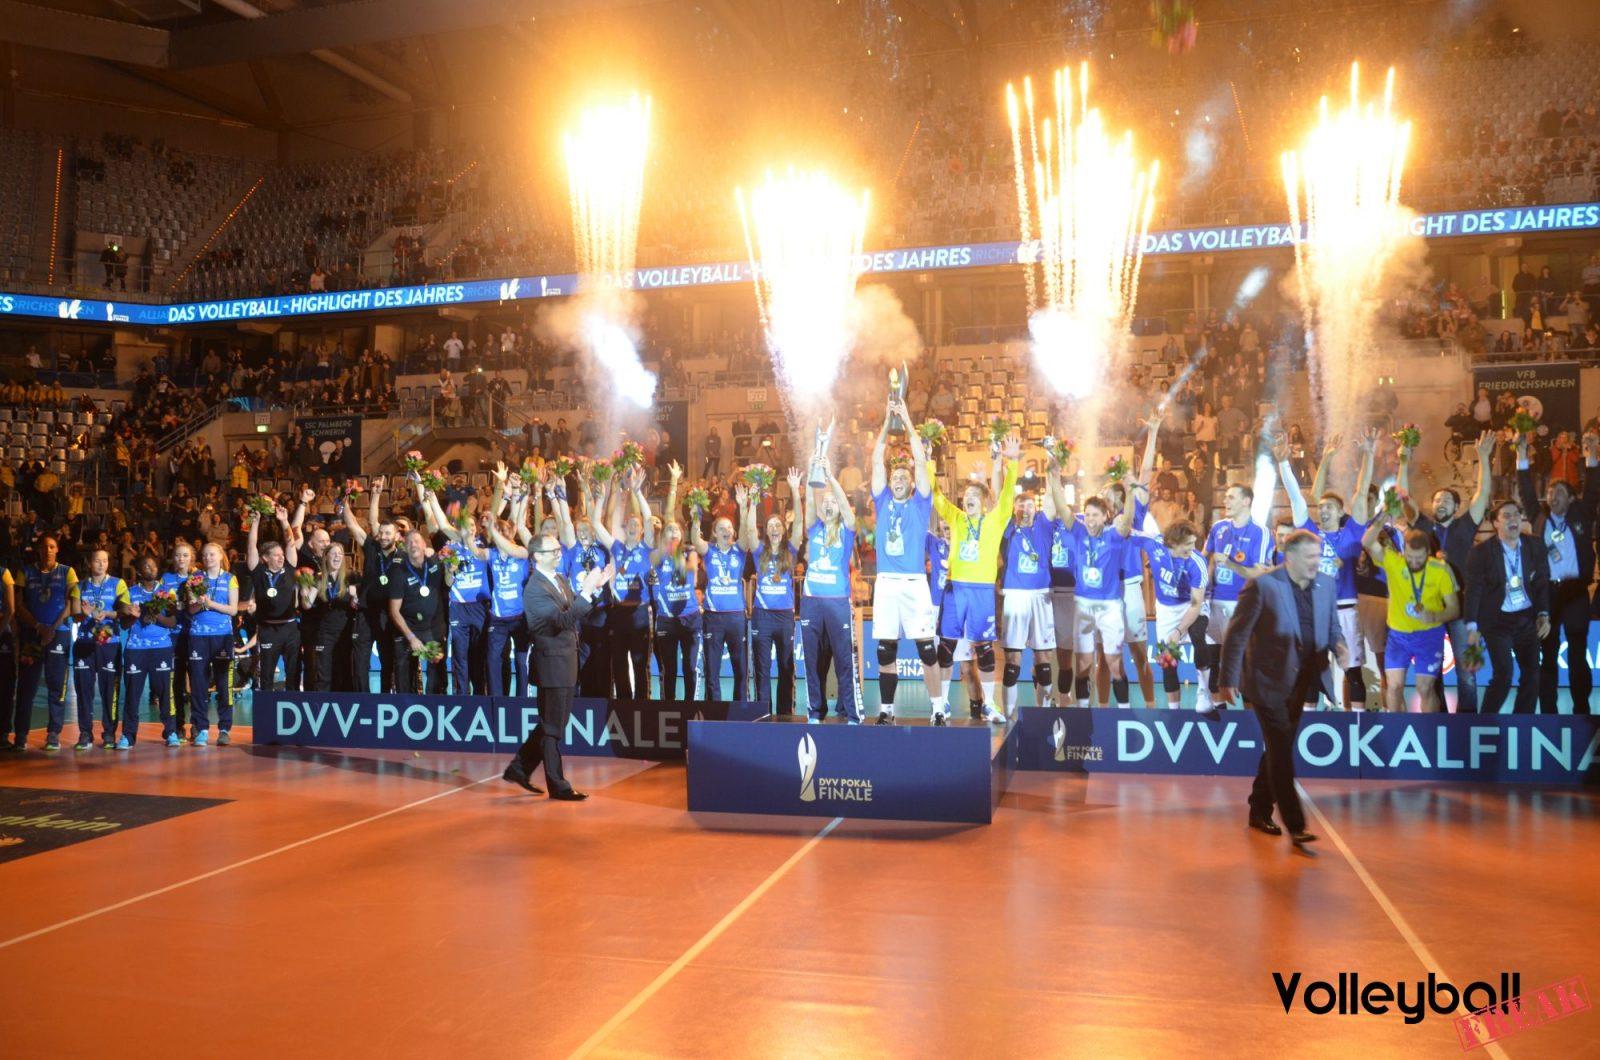 Galerie zum DVV-Pokalfinale 2017